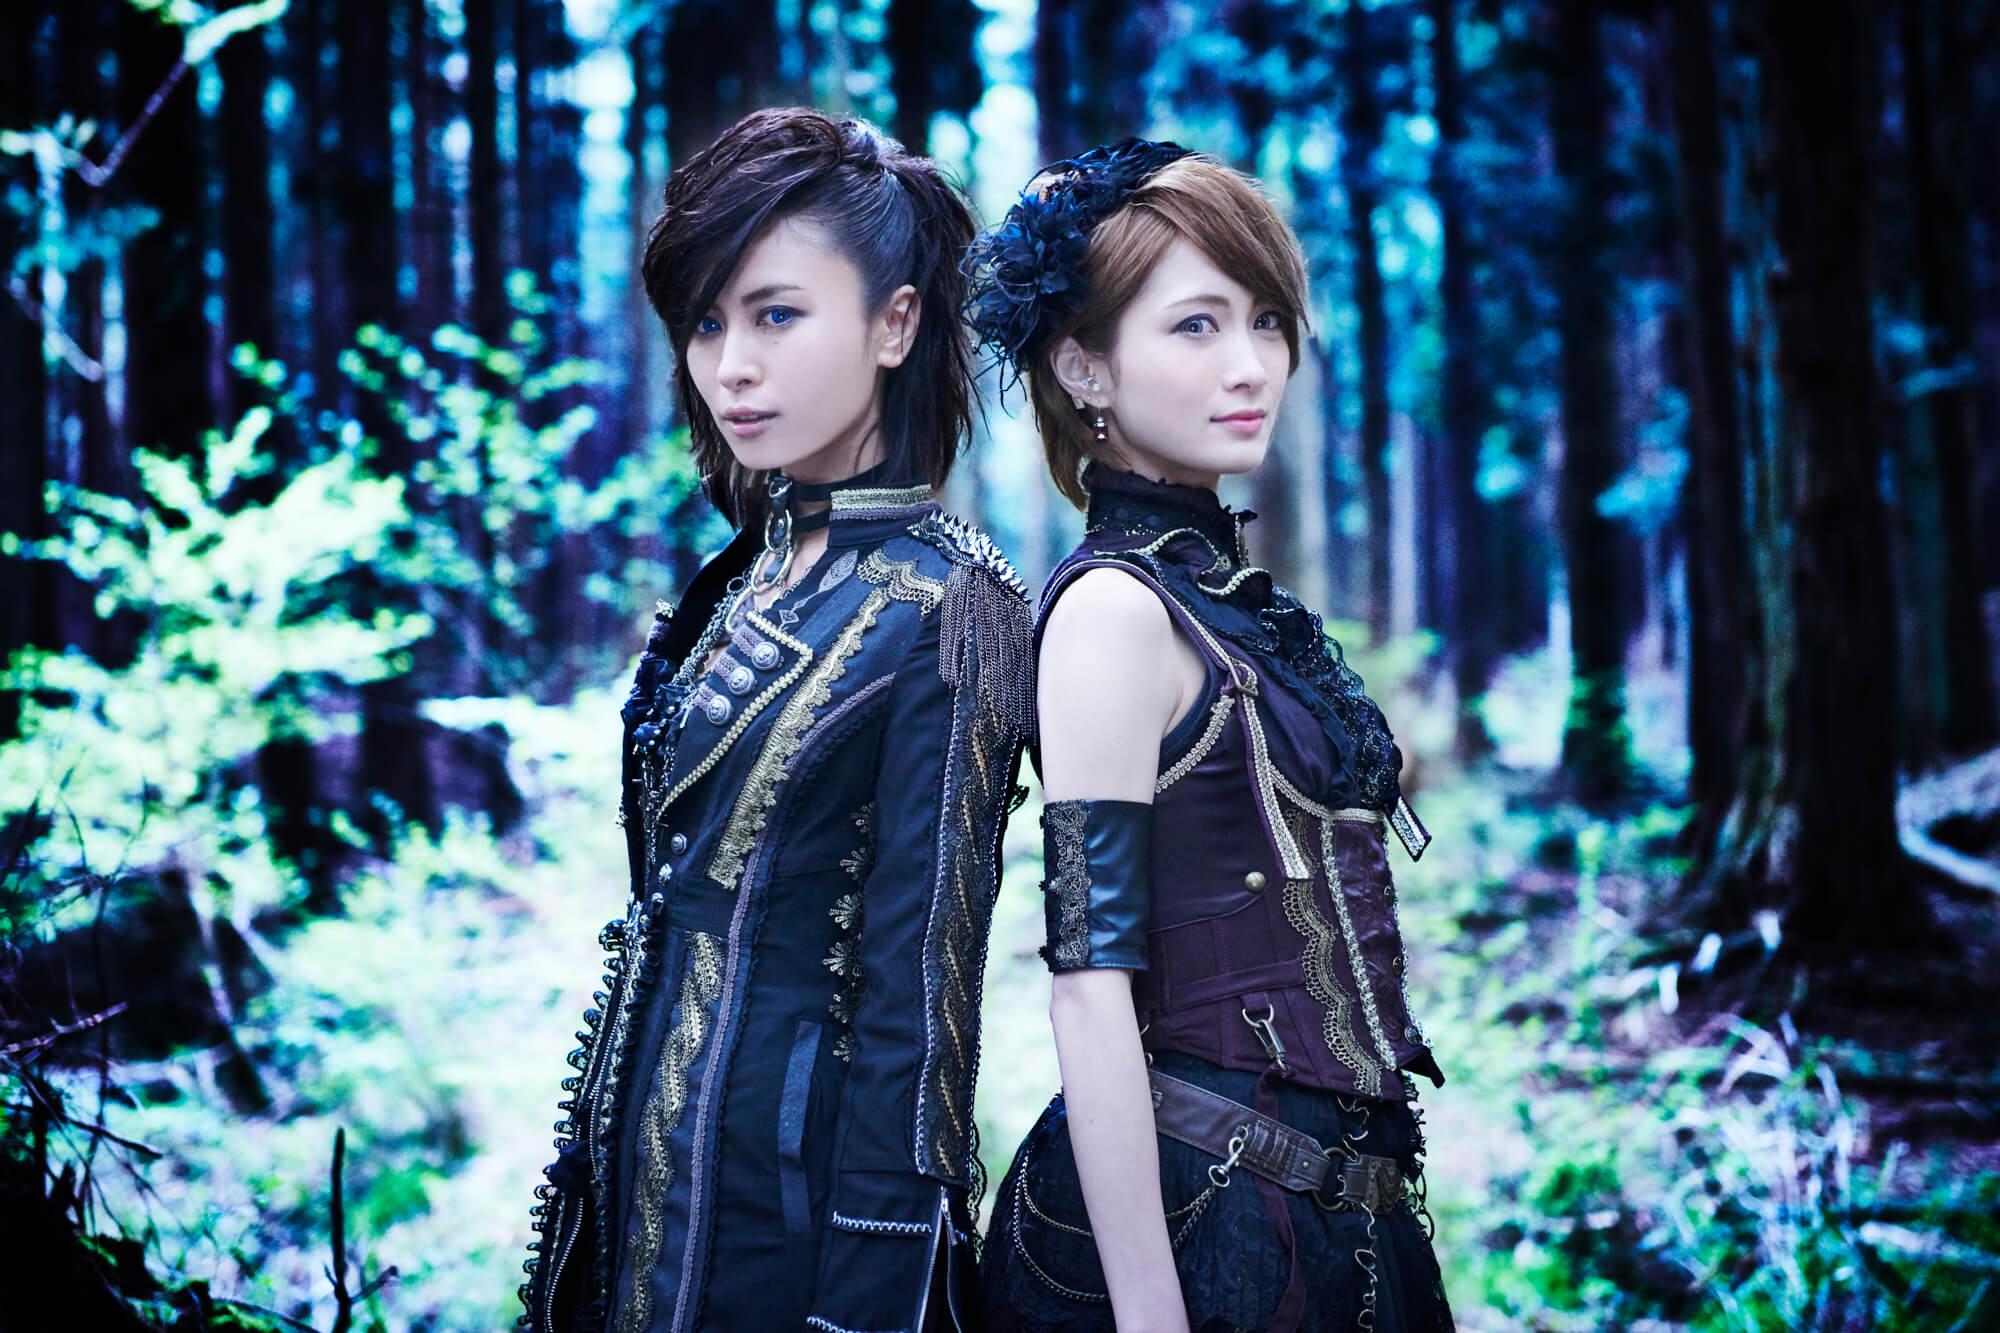 イケメン男装モデルAKIRAとロックバイオリニストAyasaのスペシャルユニット・+Aに聞く「沢山ライブがしたいです」